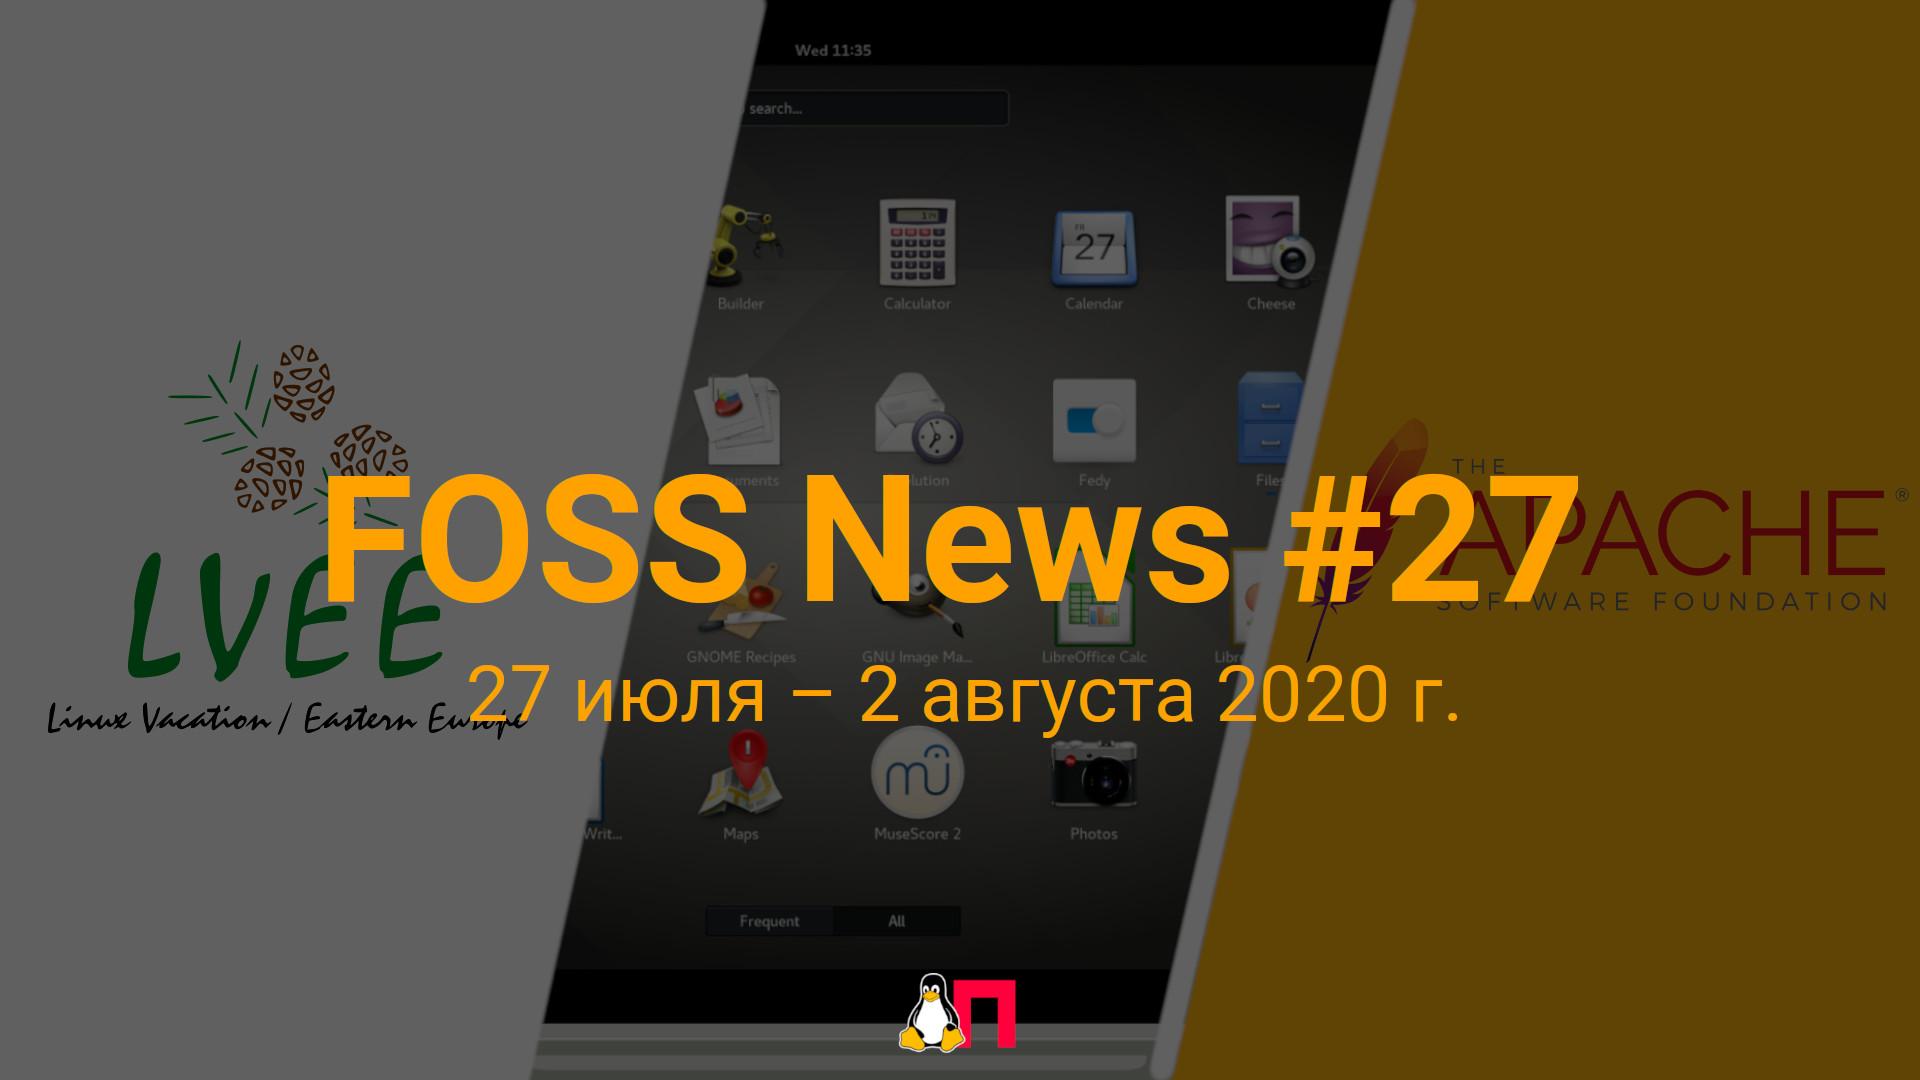 FOSS News 27  обзор новостей свободного и открытого ПО за 27 июля  2 августа 2020 года